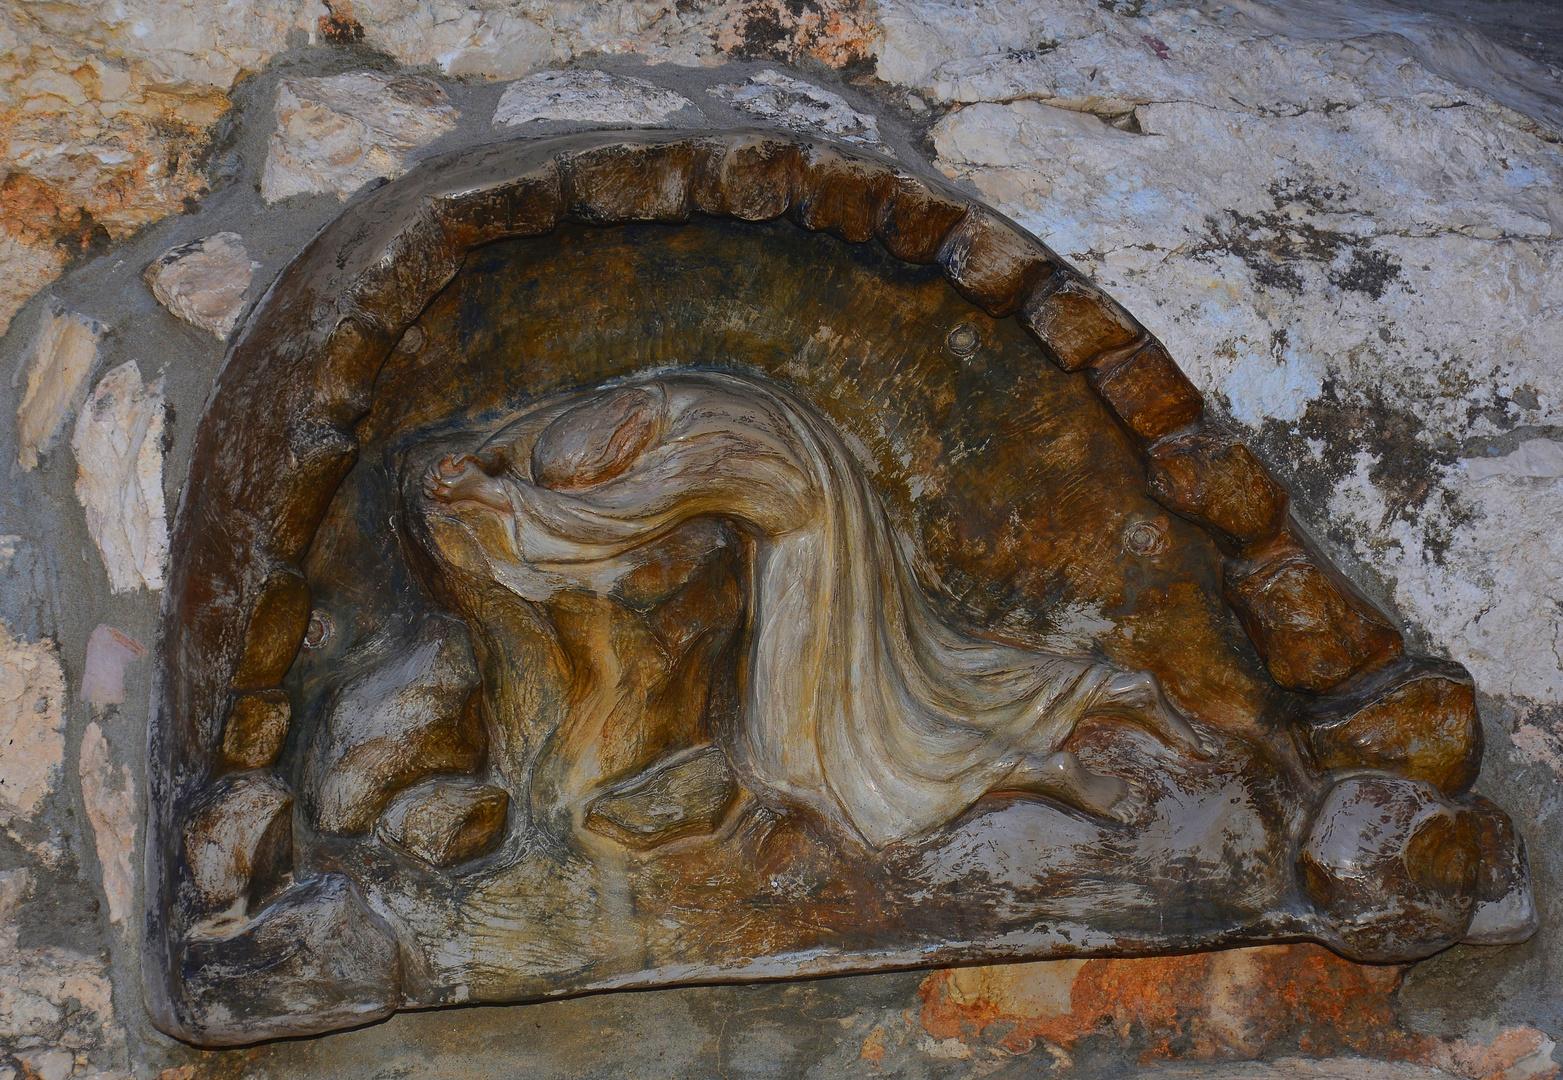 Stein Im Garten Gethsemane An Dem Jesus Vor Seiner Gefangennahme